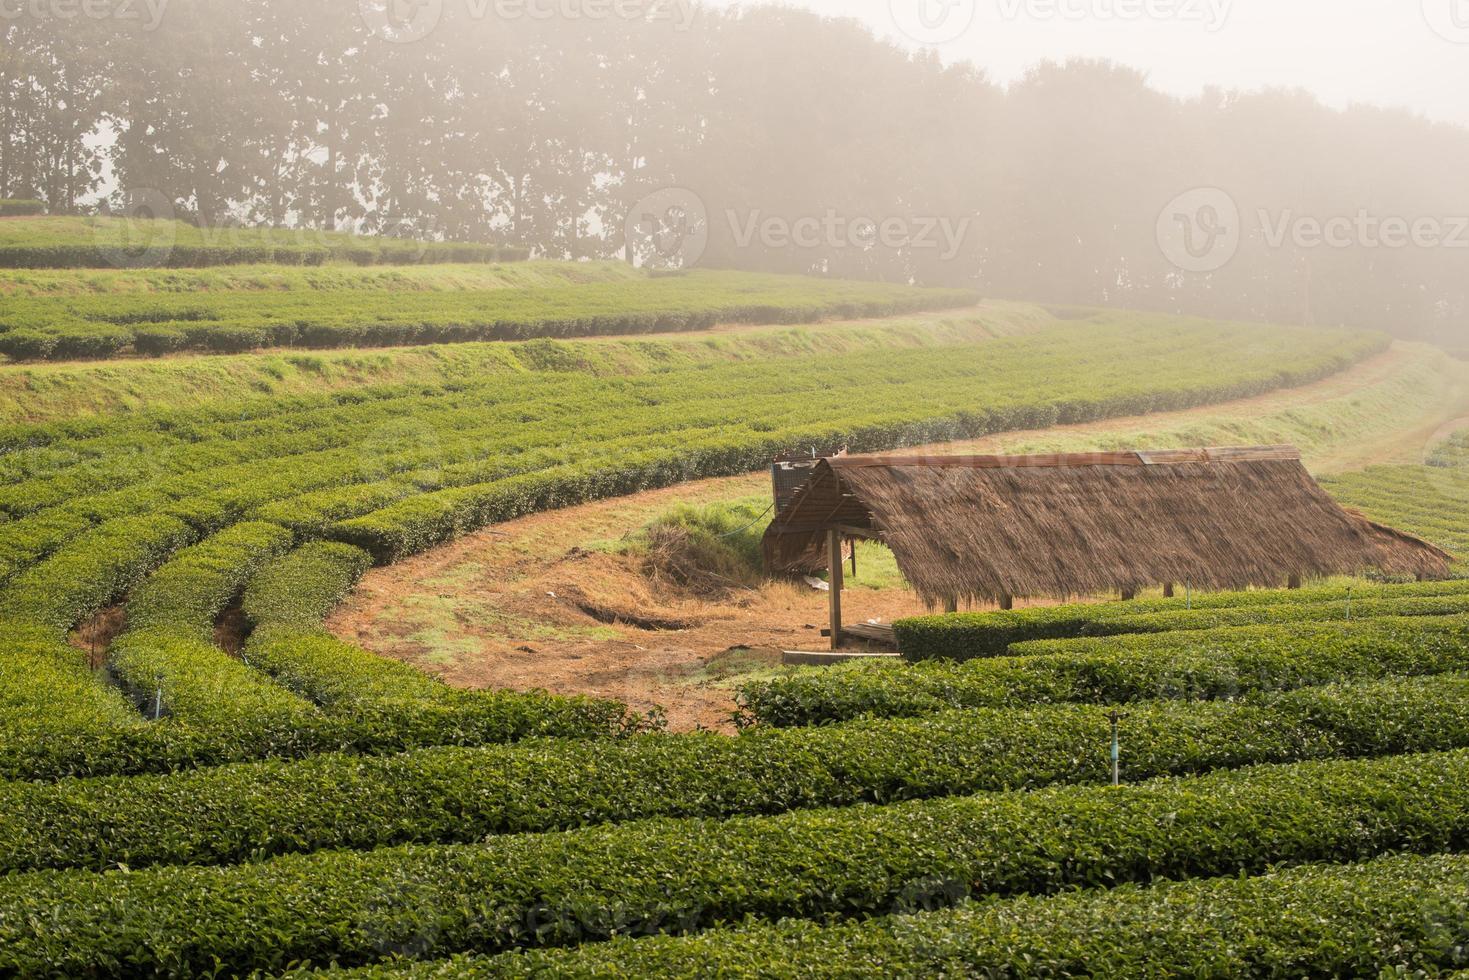 die Hütte im Grünteefeld mit Morgennebel foto